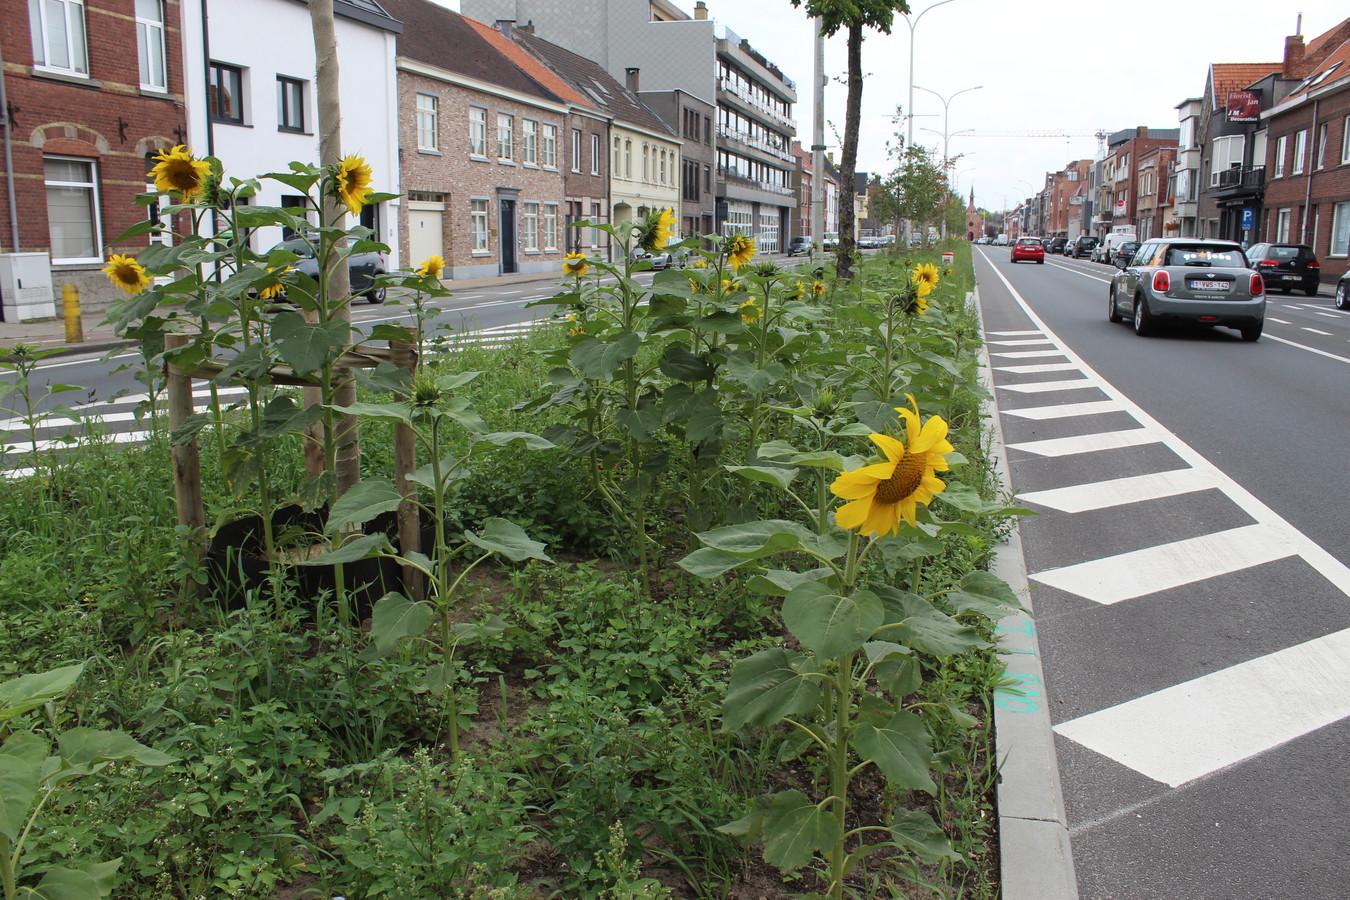 Een gele zonnebloem is zowat het enige fleurige in het project. Voorlopig dan toch.